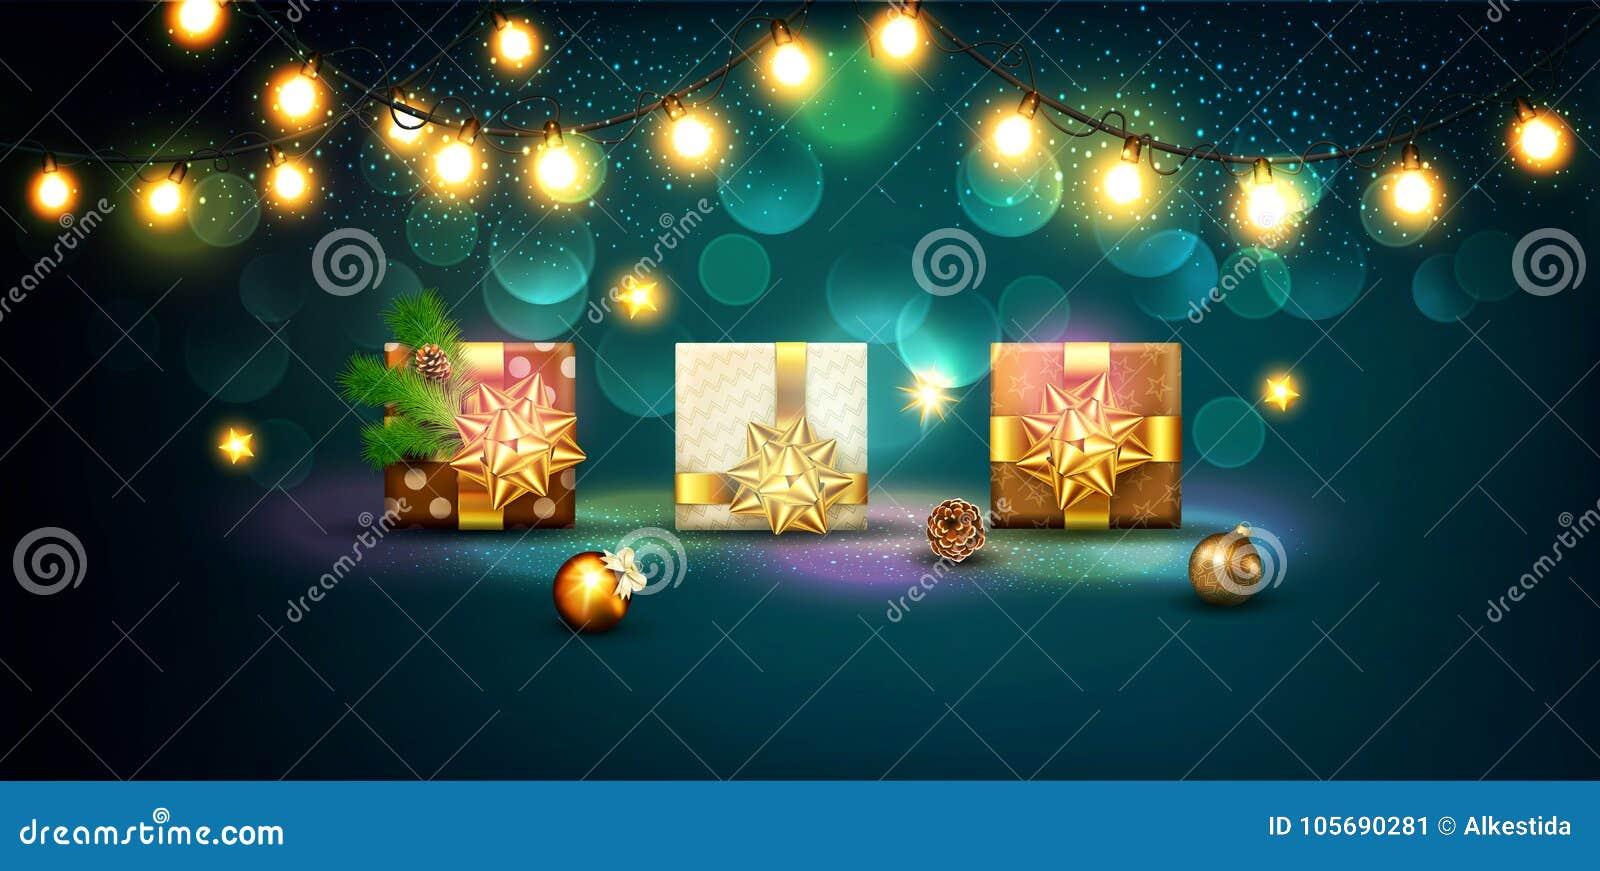 διανυσματική απεικόνιση για τη Χαρούμενα Χριστούγεννα και καλή χρονιά Gre